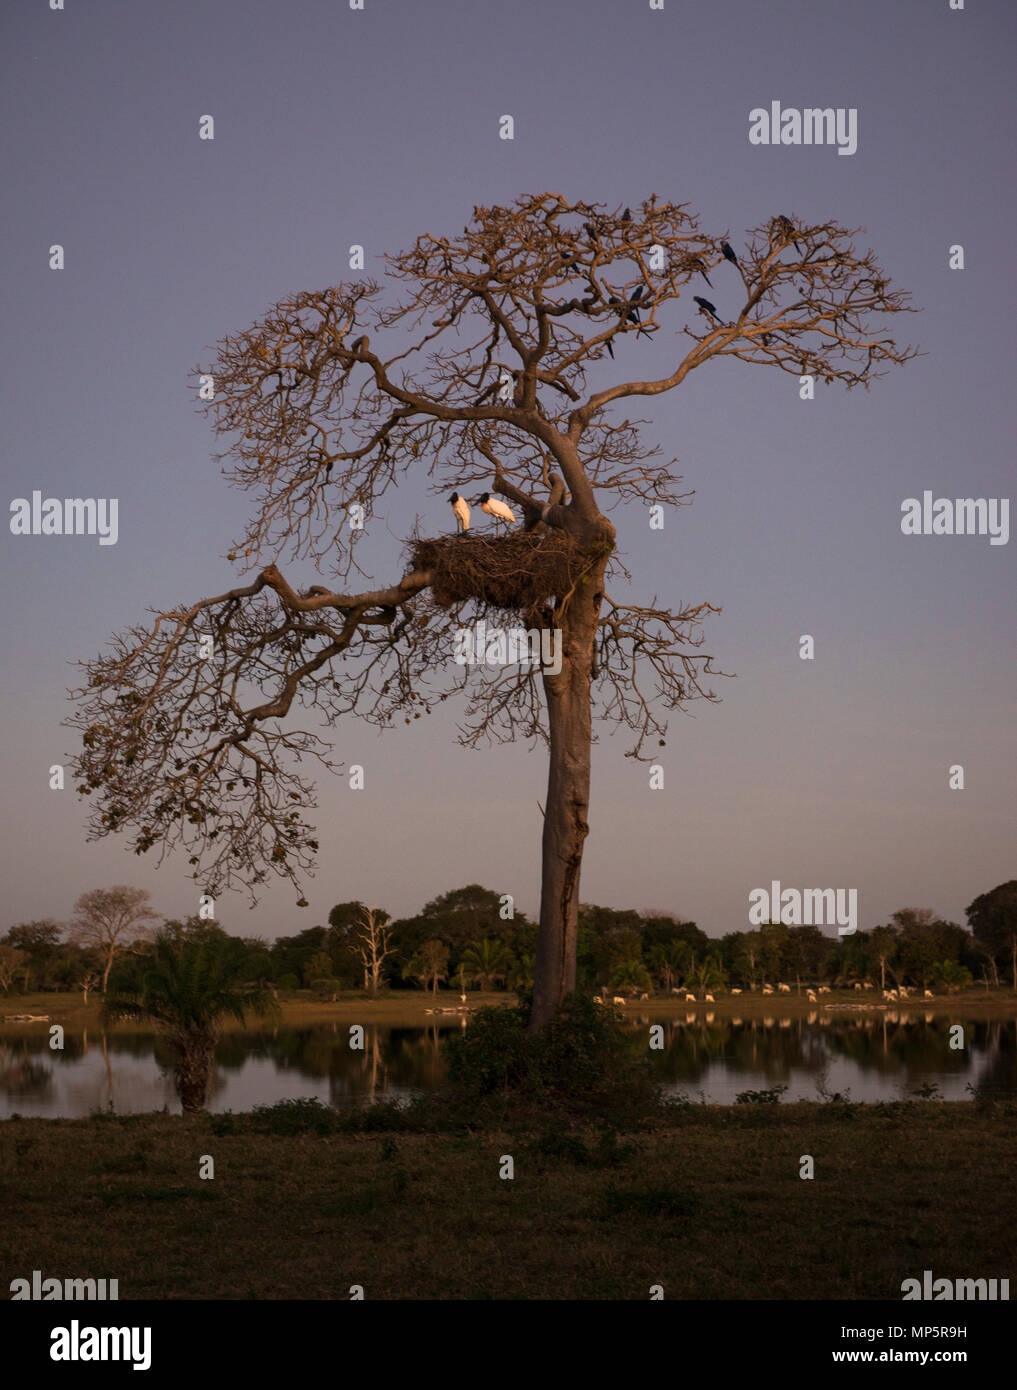 A Manduvi Tree with nesting Jabirus and Hyacinth Macaws, from South Pantanal, Brazil - Stock Image